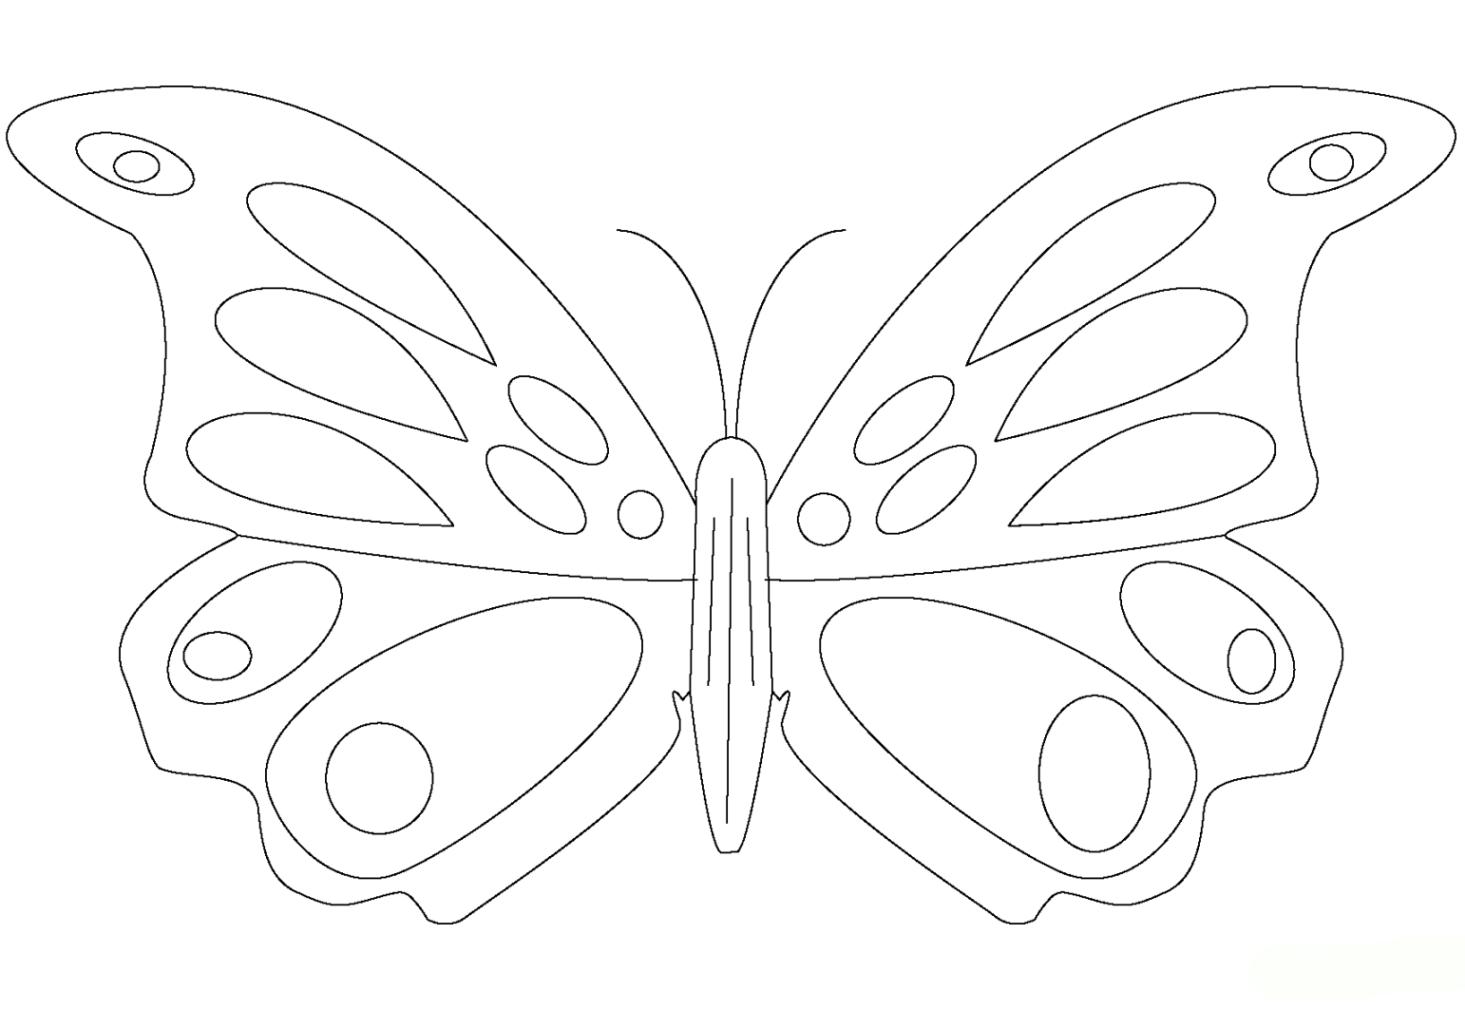 Malvorlagen zum Drucken Ausmalbild Schmetterling kostenlos 4